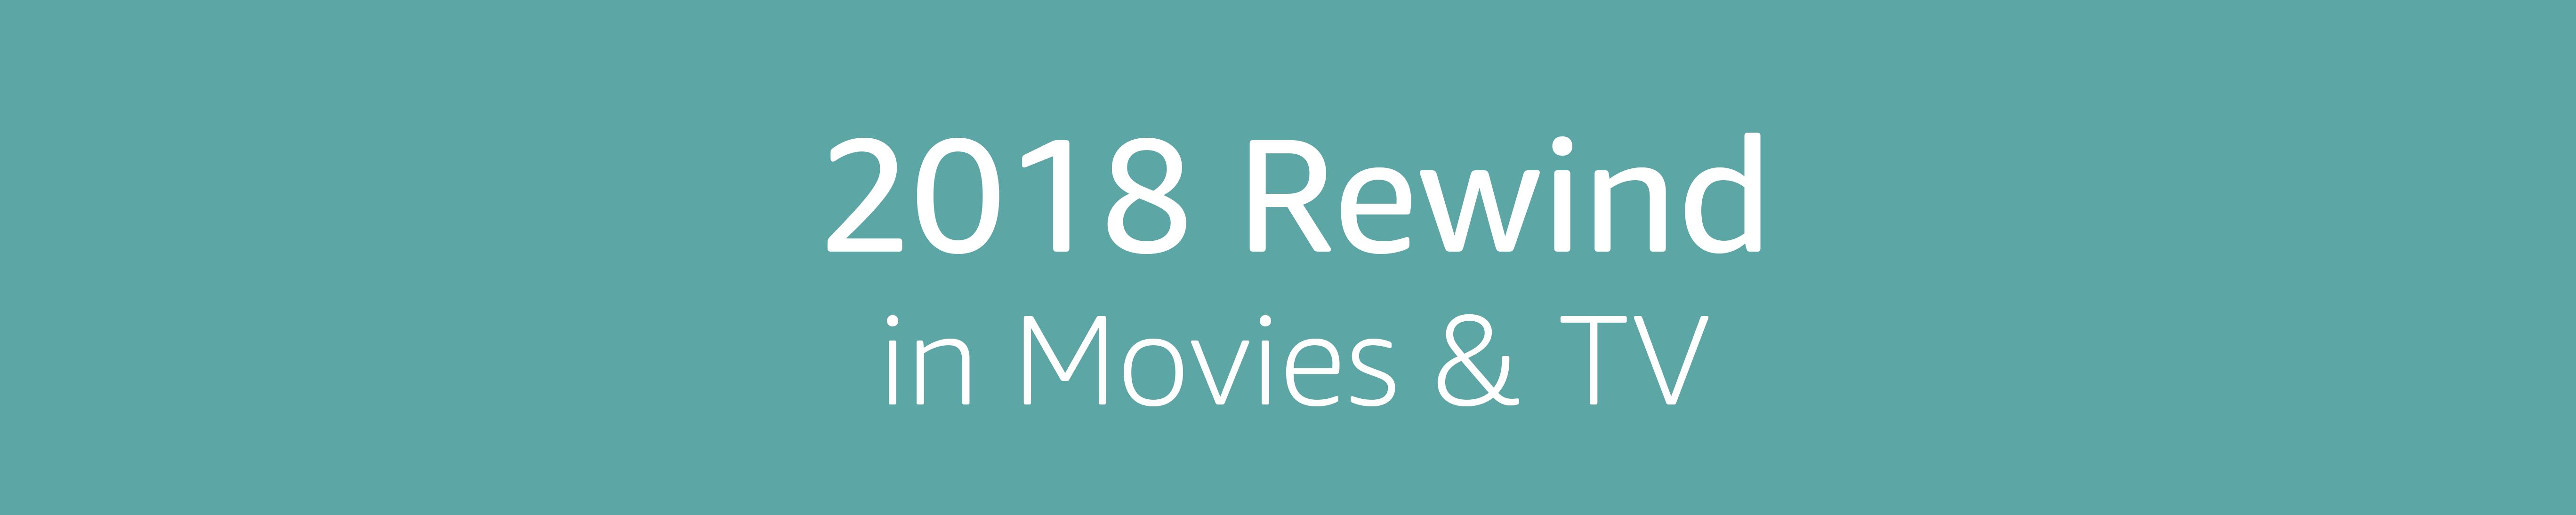 2018 Rewind in Movies & TV